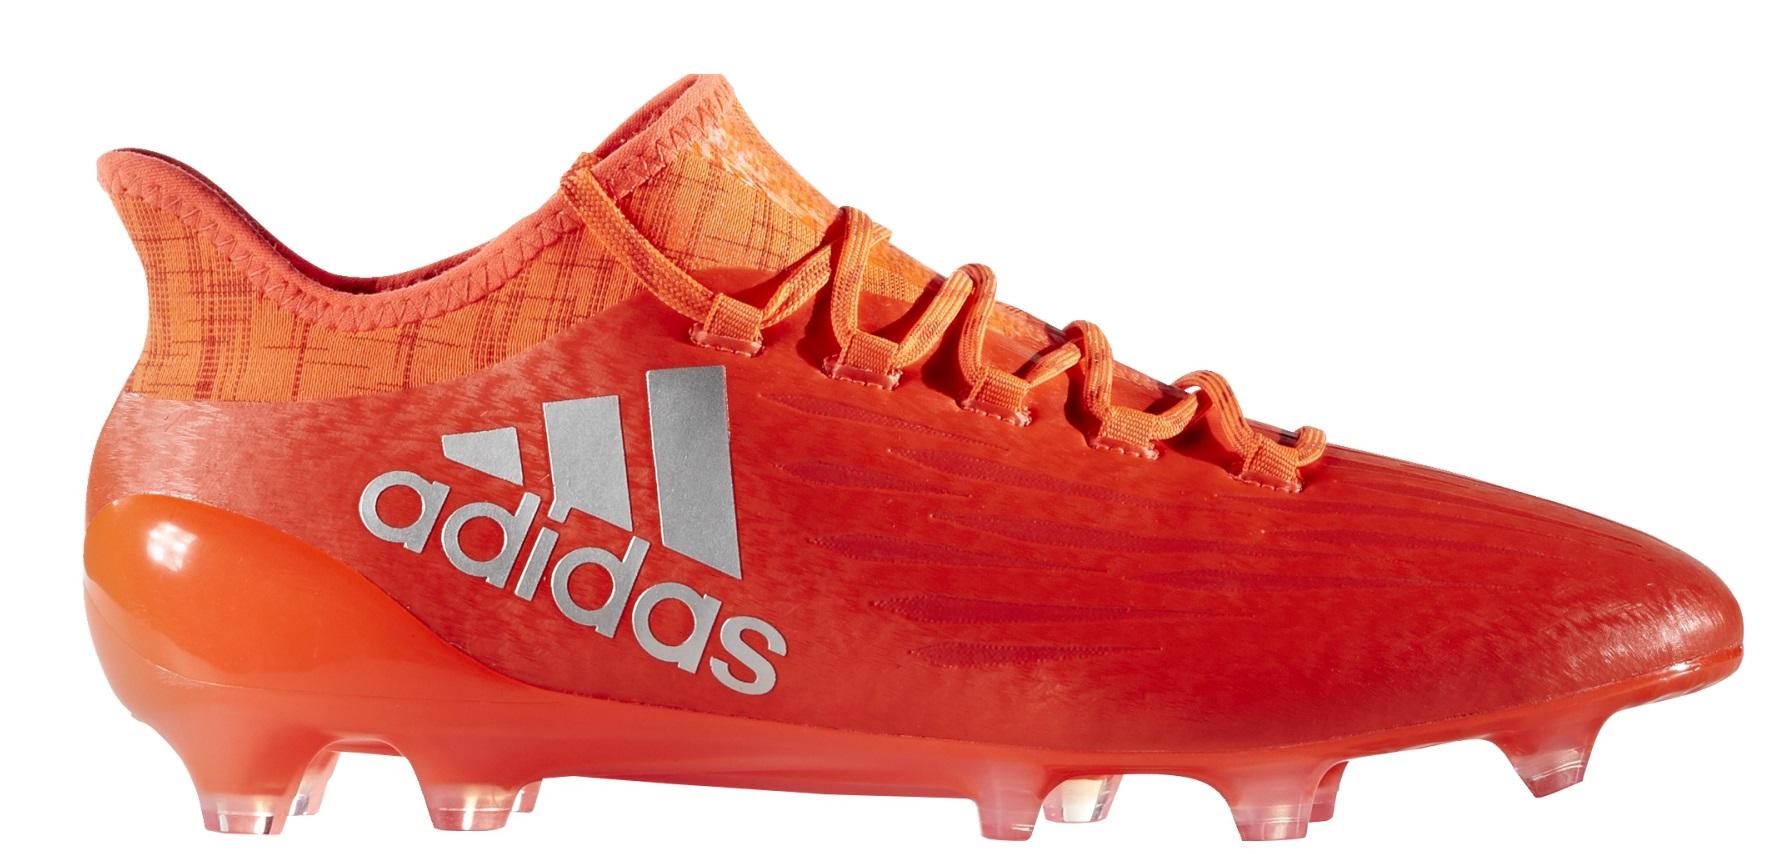 Scarpe Calcio Rosso Adidas X Fg Colore Rosso Calcio Adidas 994f01